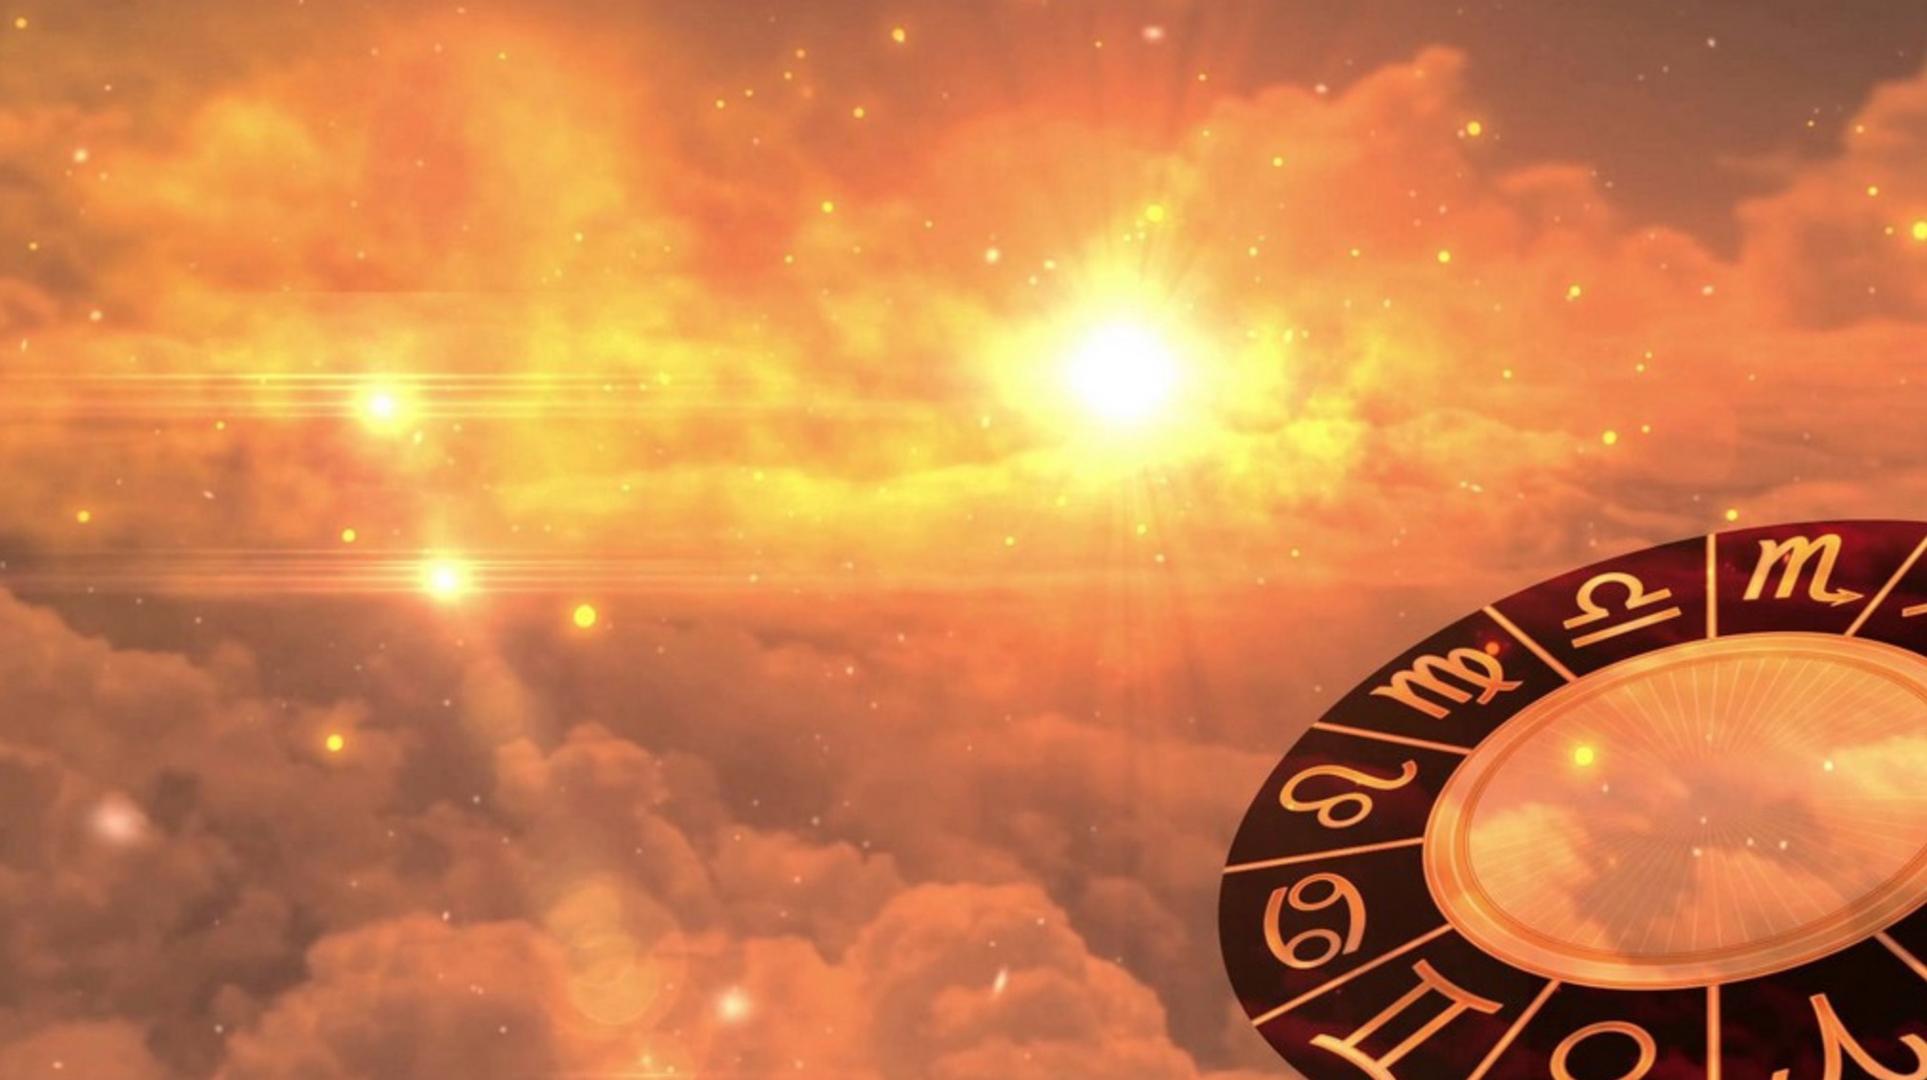 Sfatul zilei pentru fiecare zodie - 13 august 2020